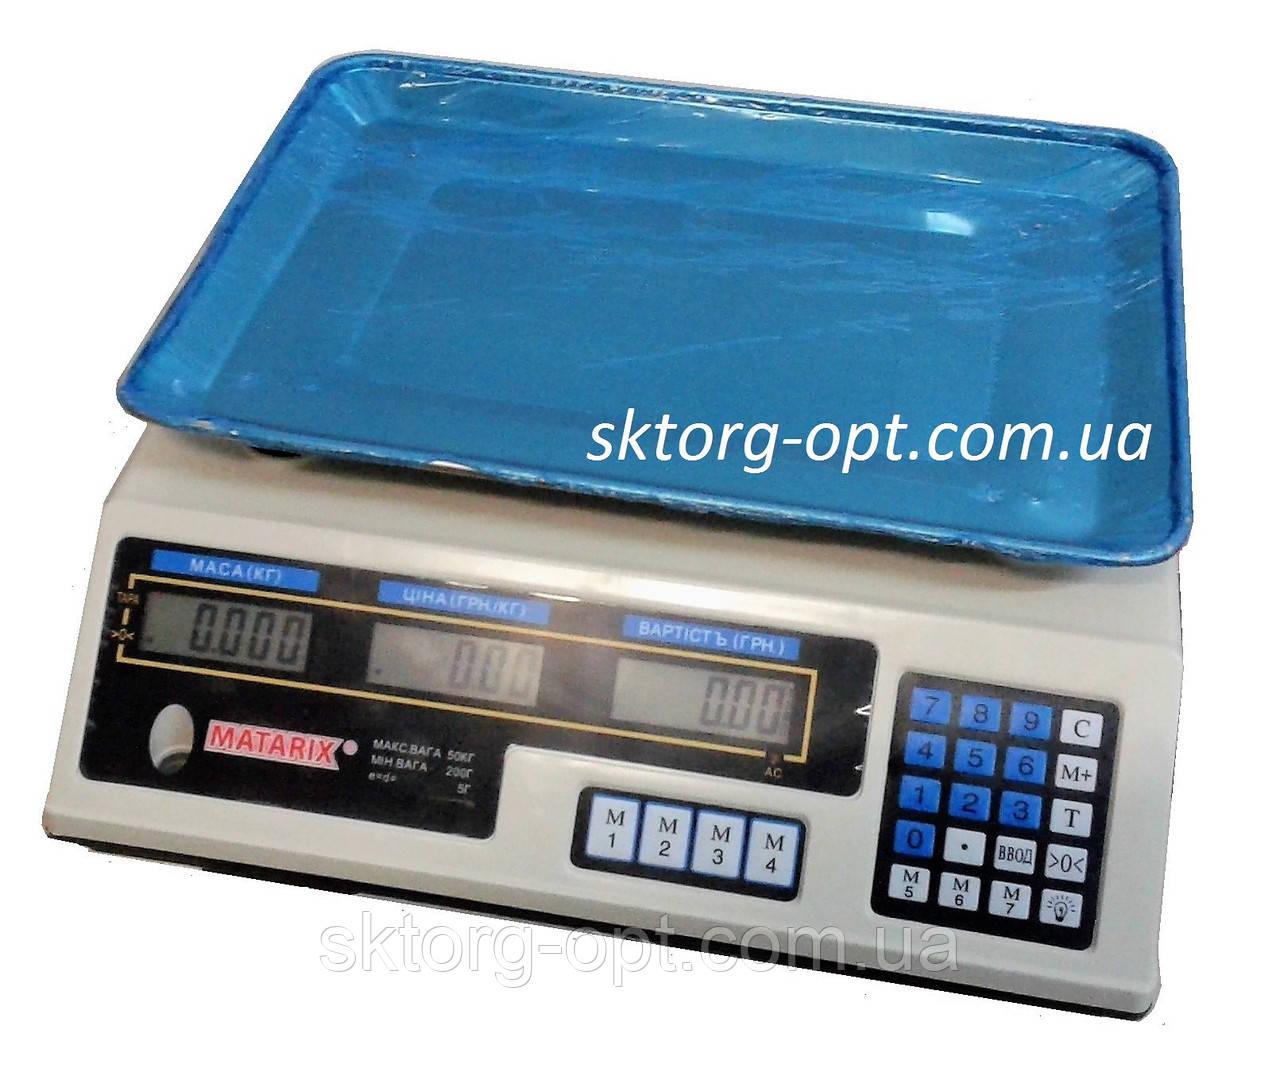 Торговые весы MATARIX 40 кг